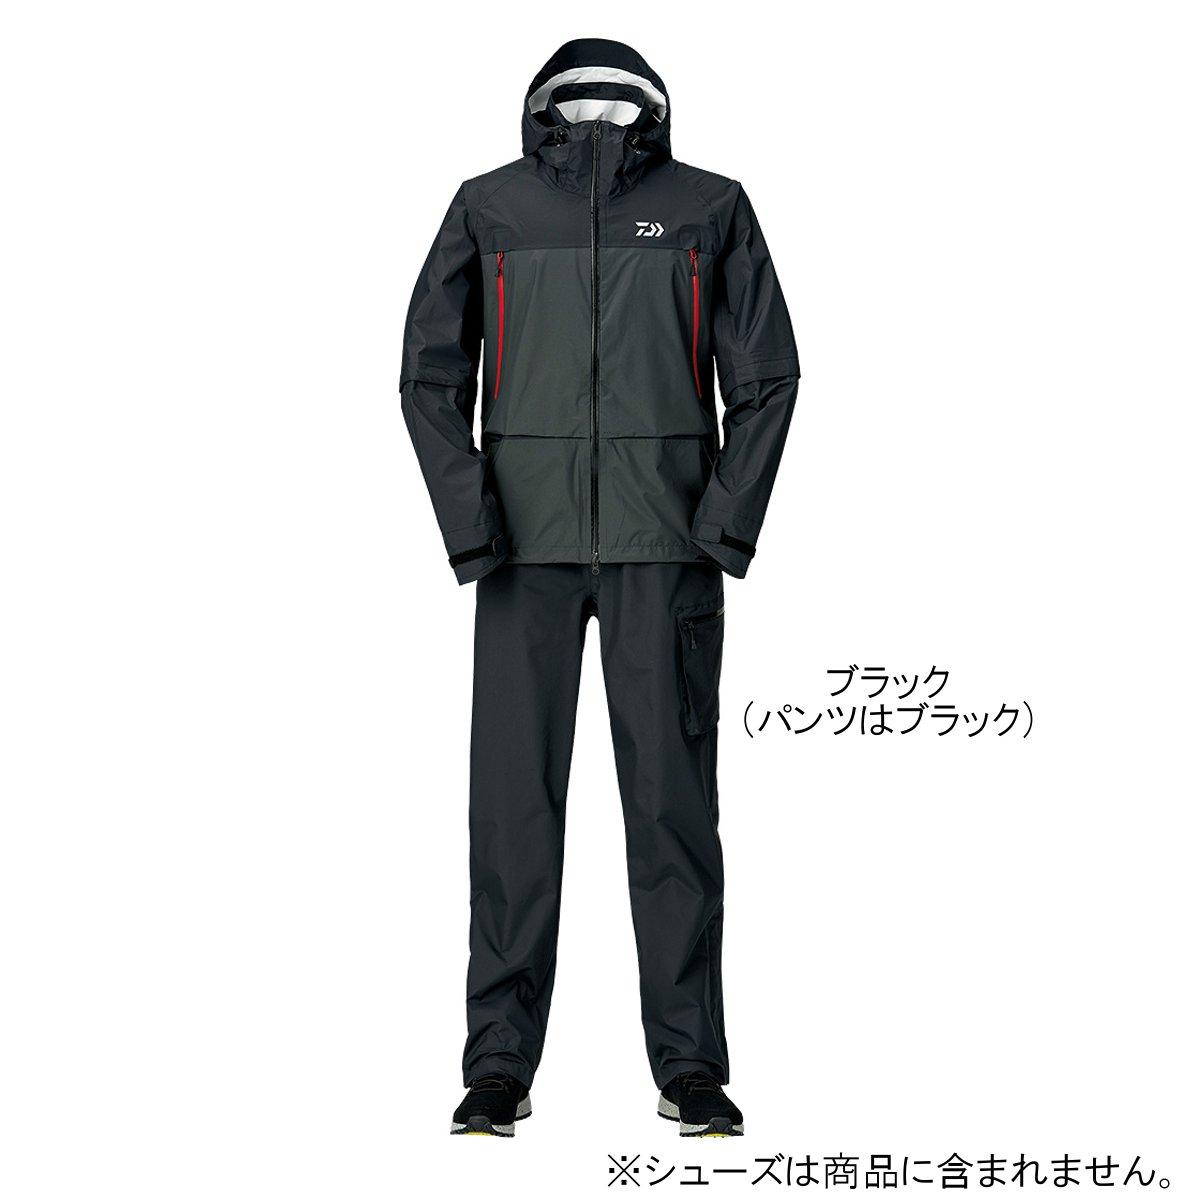 ダイワ レインマックス デタッチャブルレインスーツ DR-30009 L ブラック(東日本店)